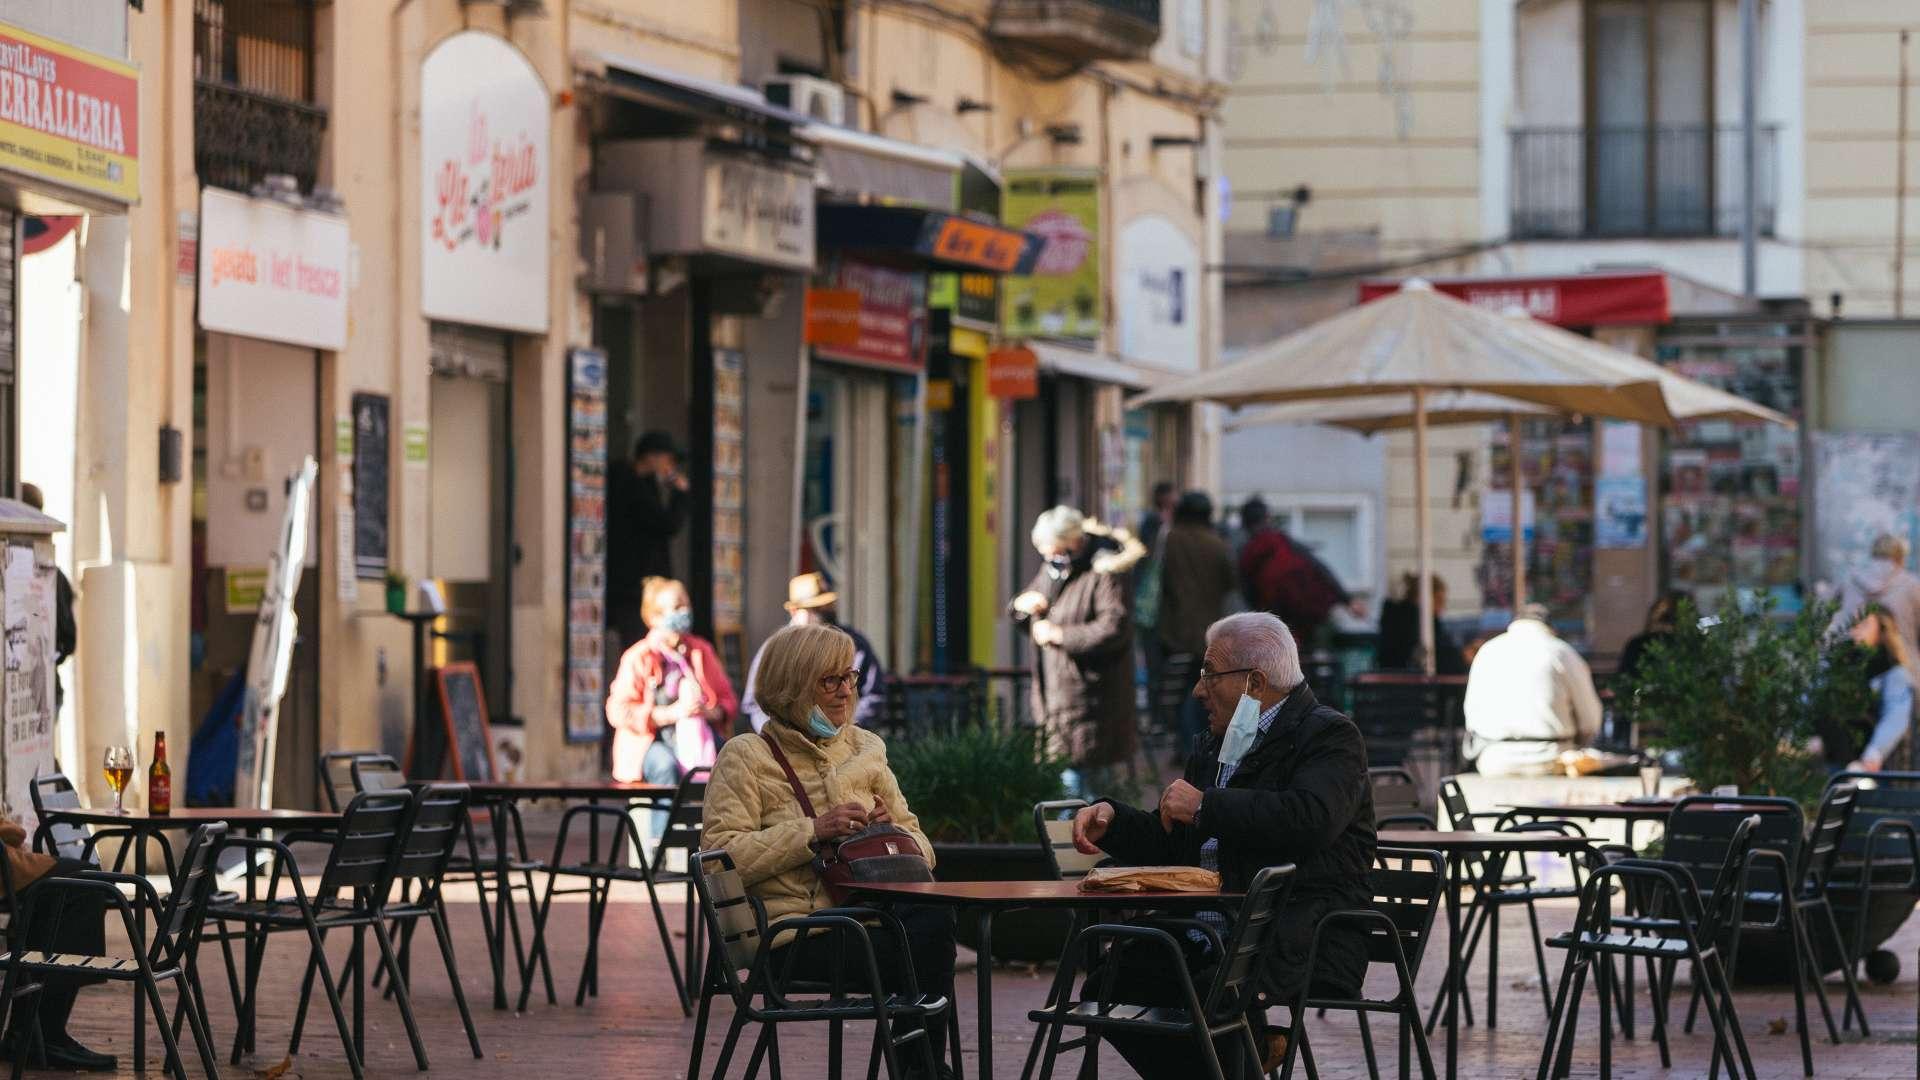 el Clot terrassa restaurant plaça font i sague